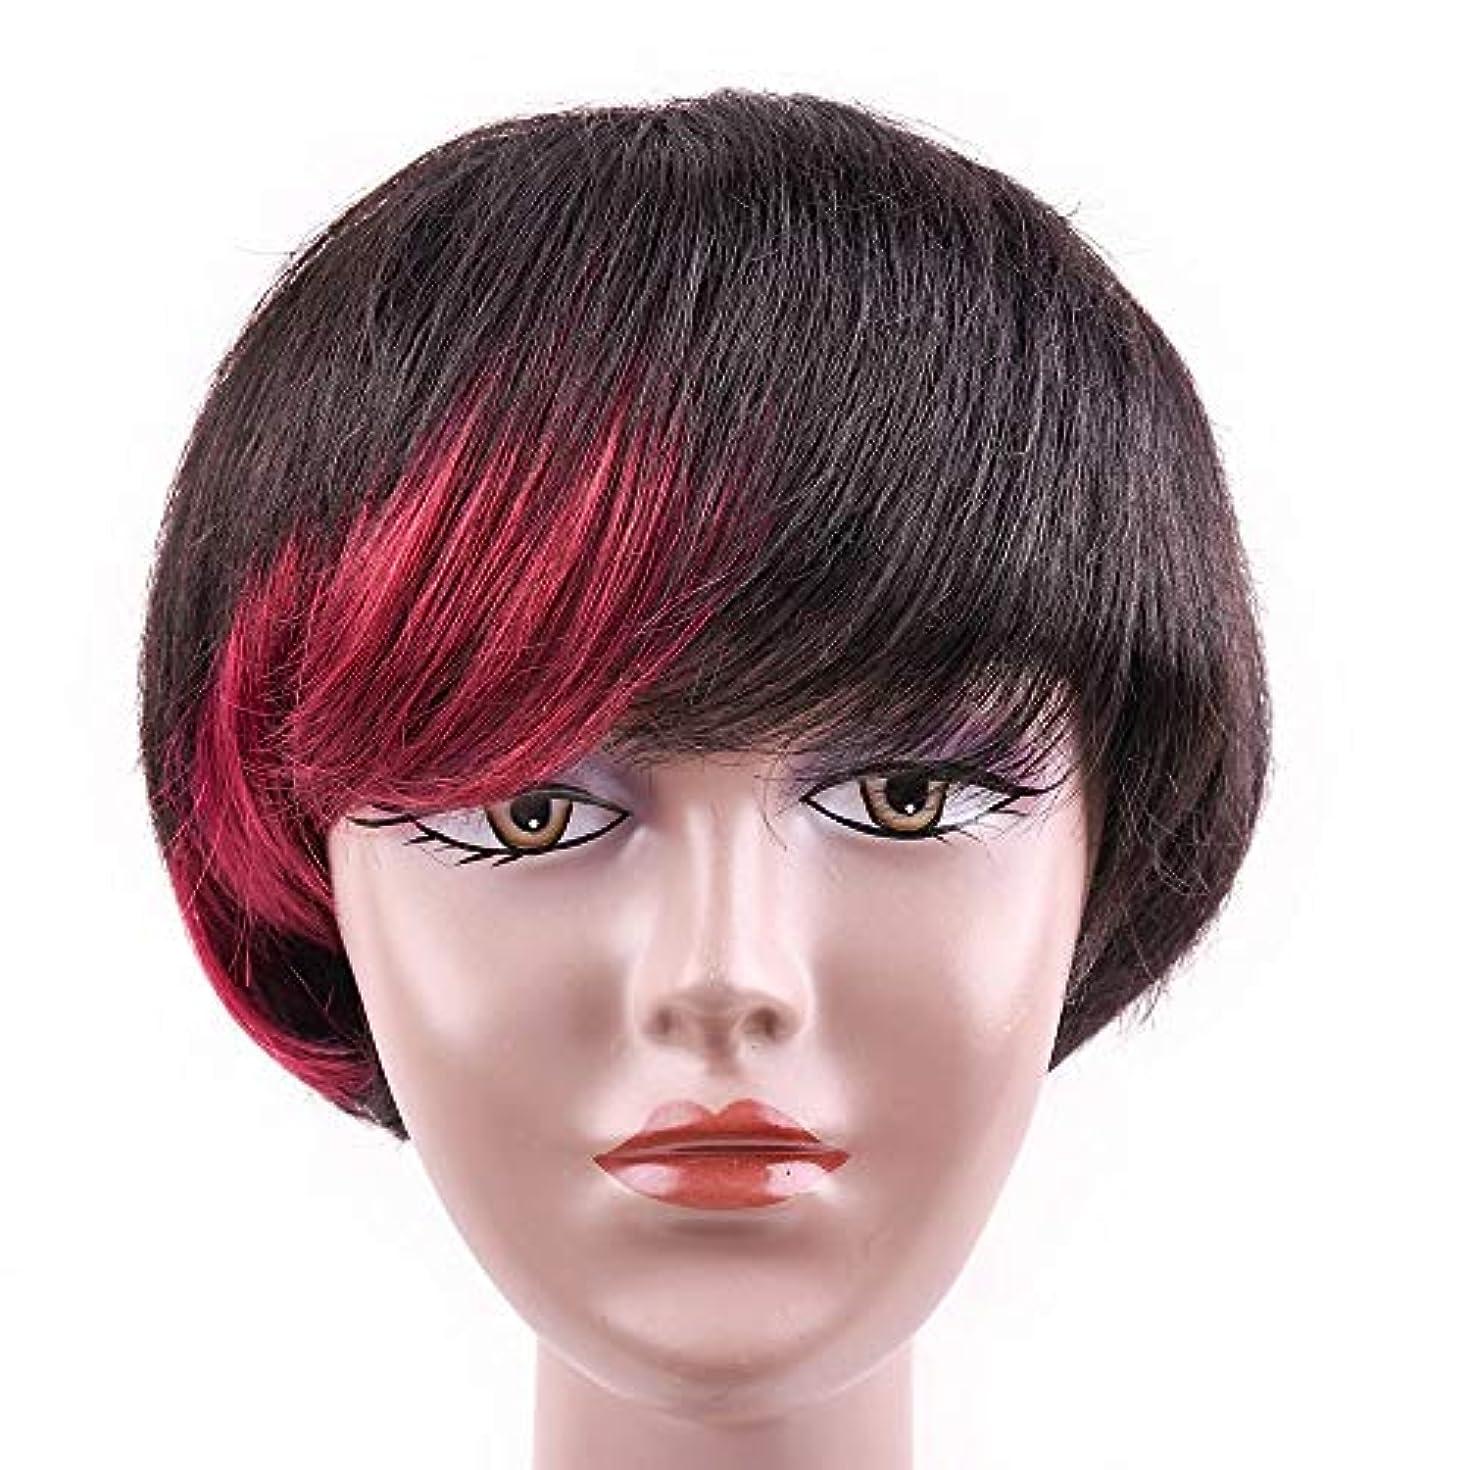 憎しみウッズに変わるWASAIO 女性6インチ黒100%人毛ショートボブウィッグレッドカラーのフィンガーウェーブフラッパーウィッグパーティーのコスプレを強調するために (色 : 黒, サイズ : 6 inch)